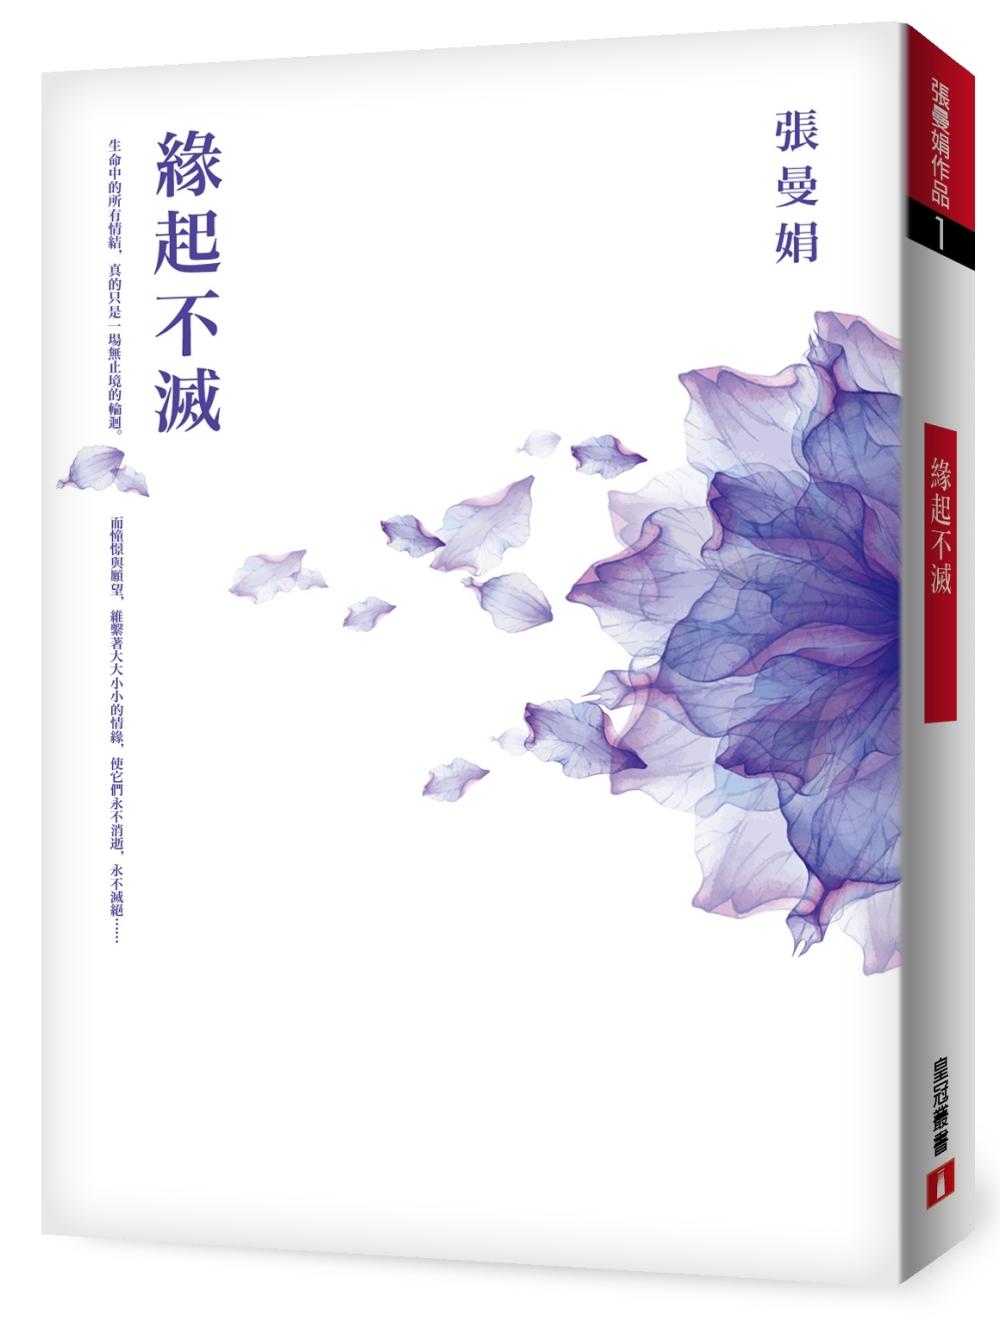 緣起不滅【暢銷25萬冊經典紀念‧平裝典藏版】